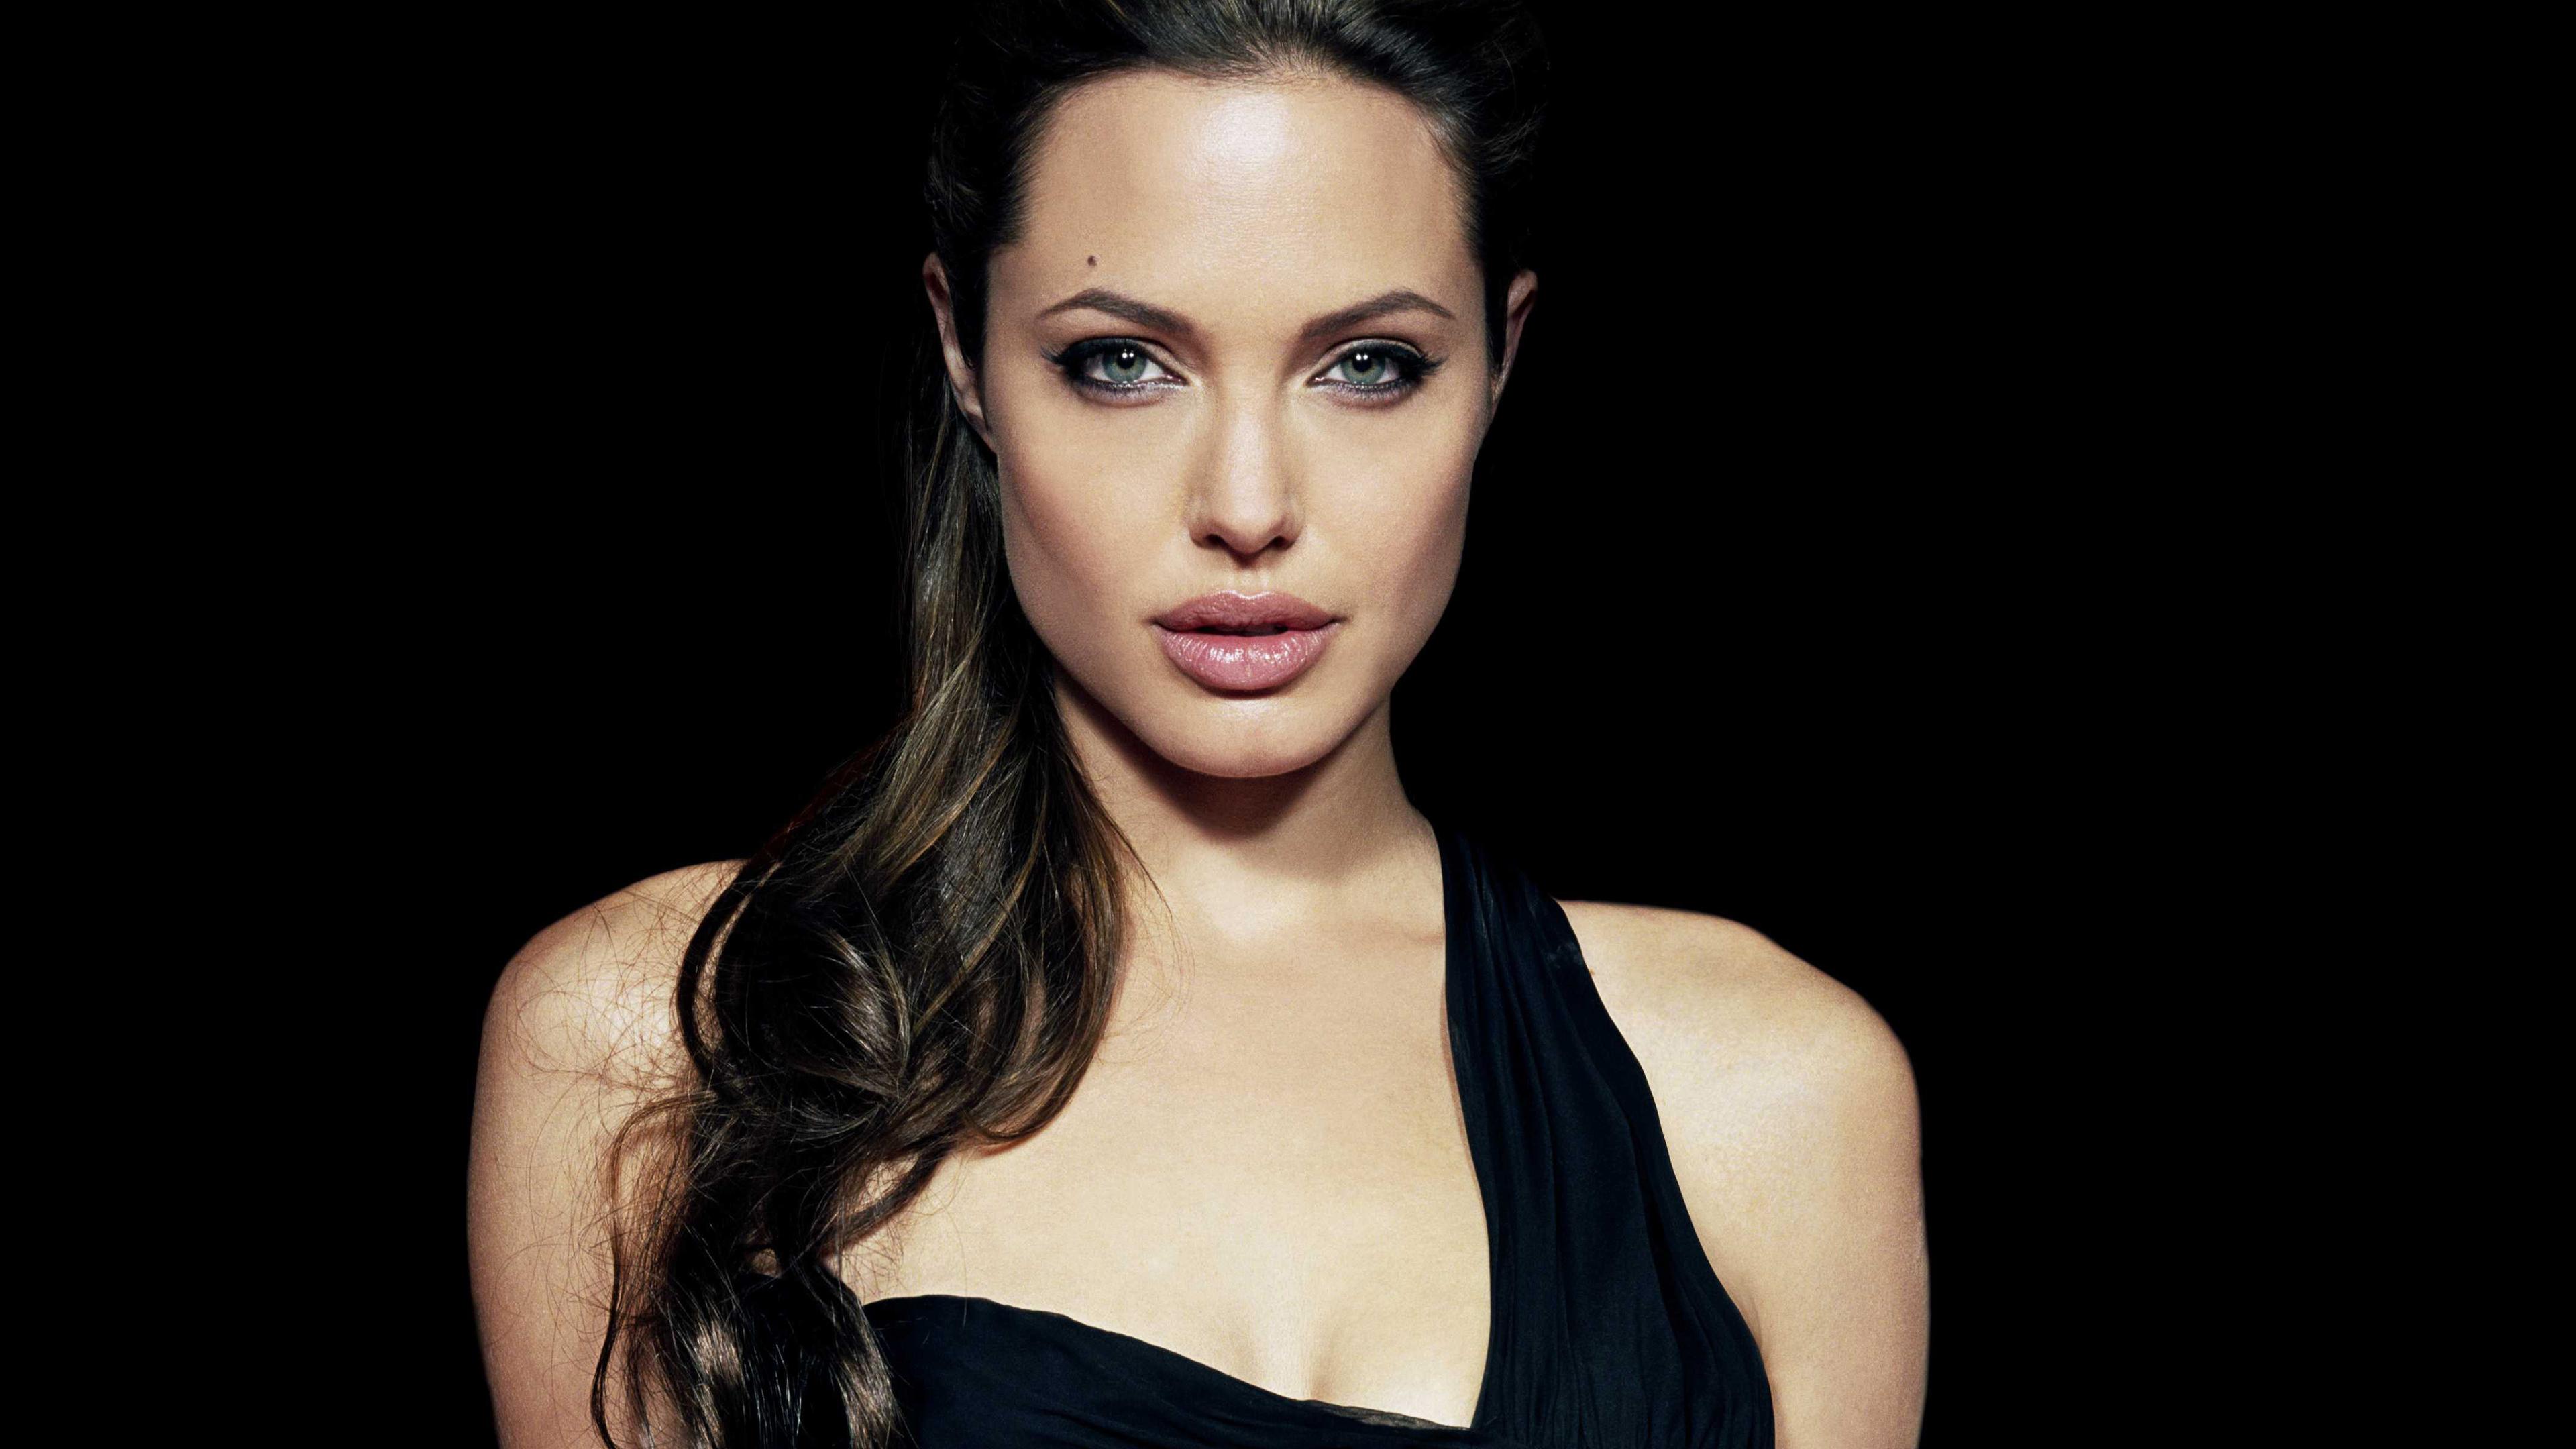 angelina jolie 4k new 1546276831 - Angelina Jolie 4k New - hd-wallpapers, girls wallpapers, celebrities wallpapers, angelina jolie wallpapers, 4k-wallpapers